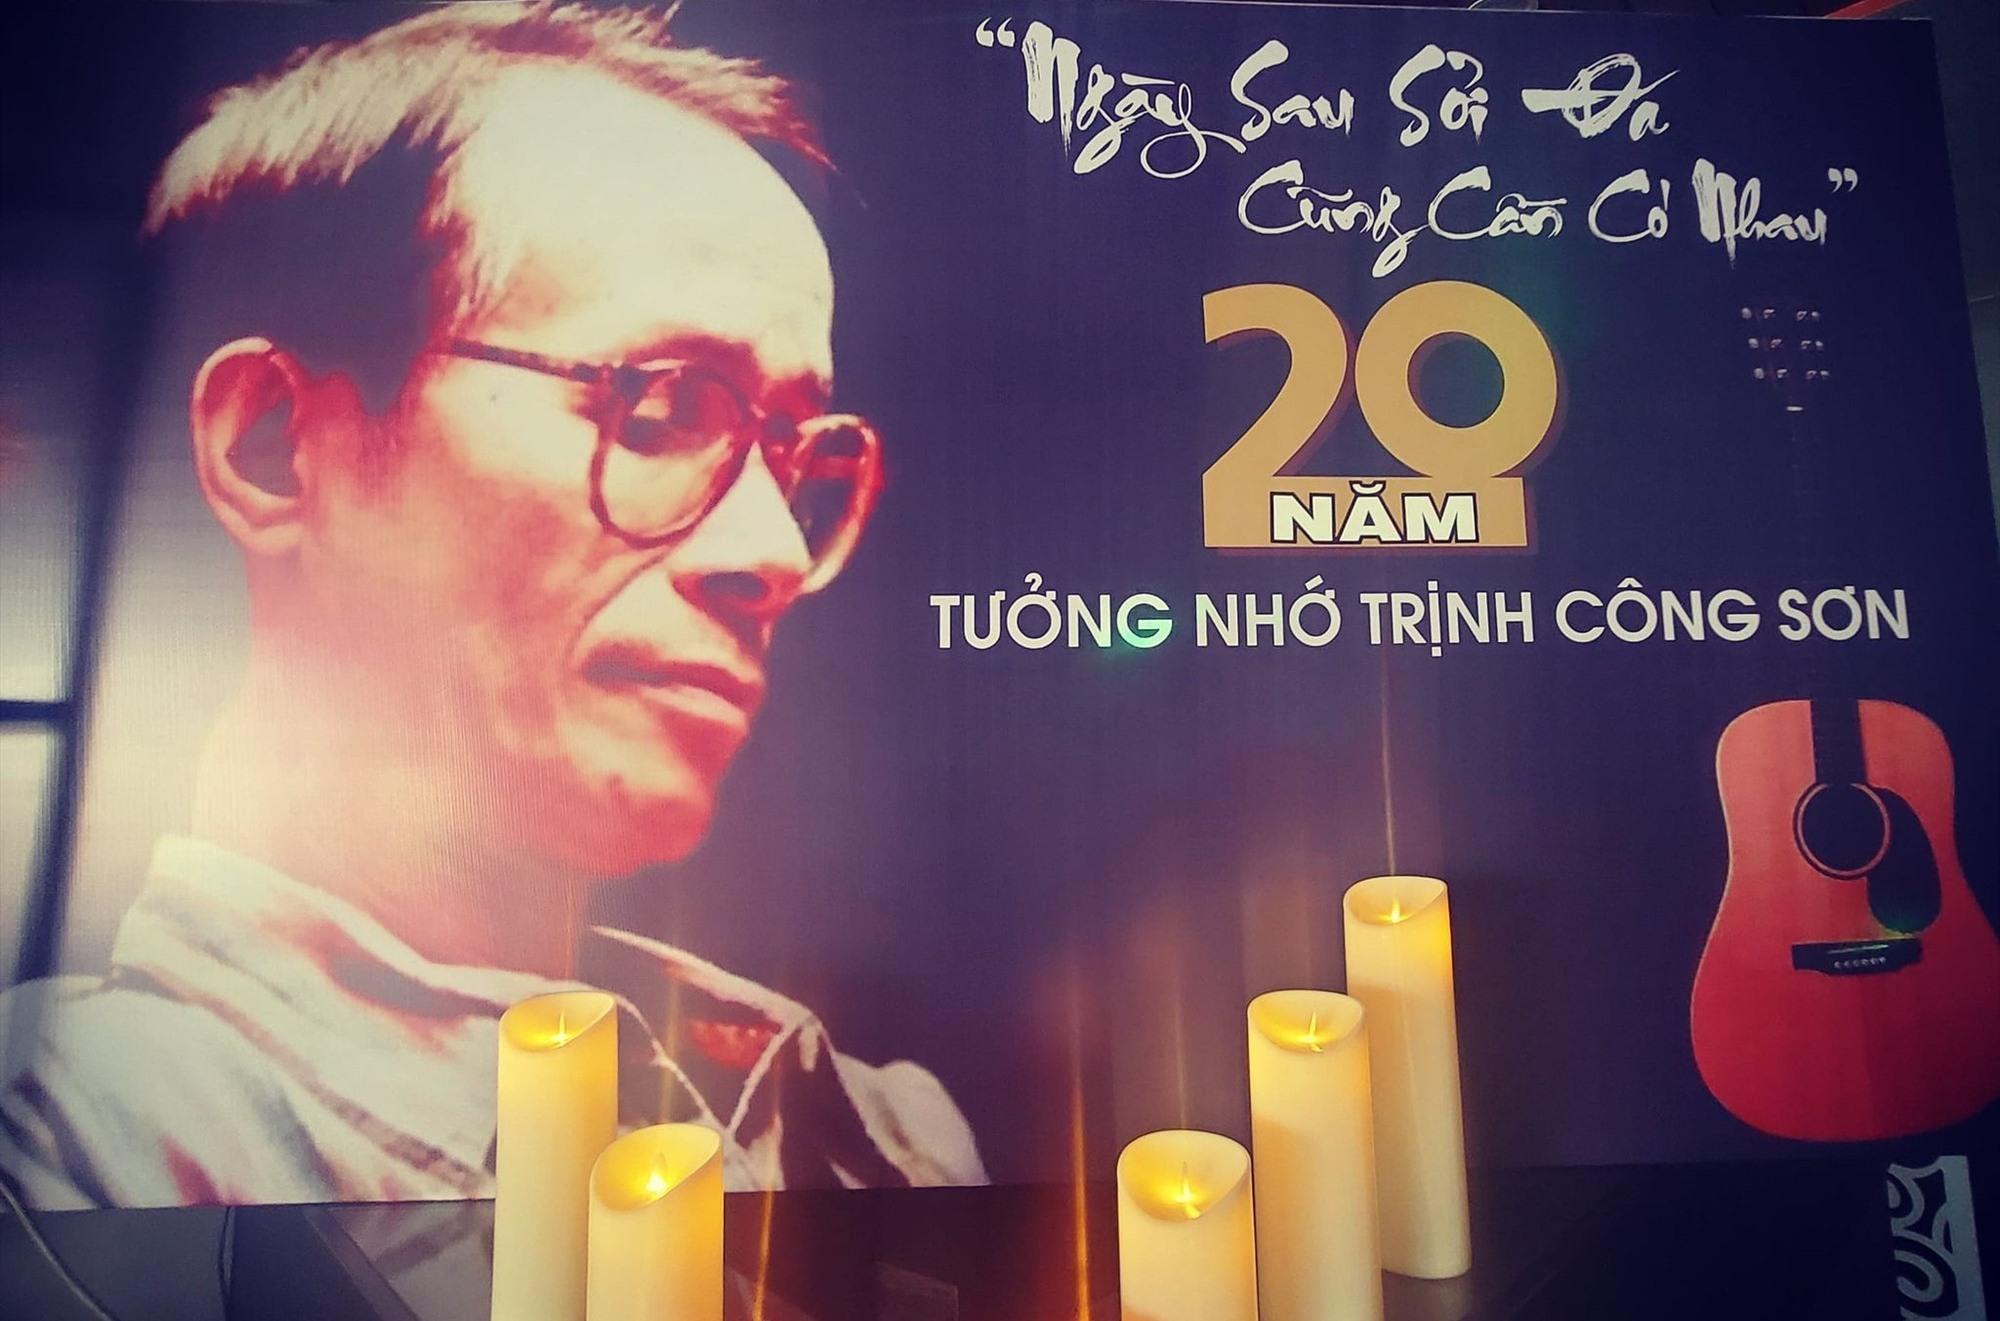 Nhiều phòng trà, cafe đã cùng tổ chức đêm nhạc tưởng nhớ nhạc sĩ Trịnh Công Sơn. Ảnh: H.O